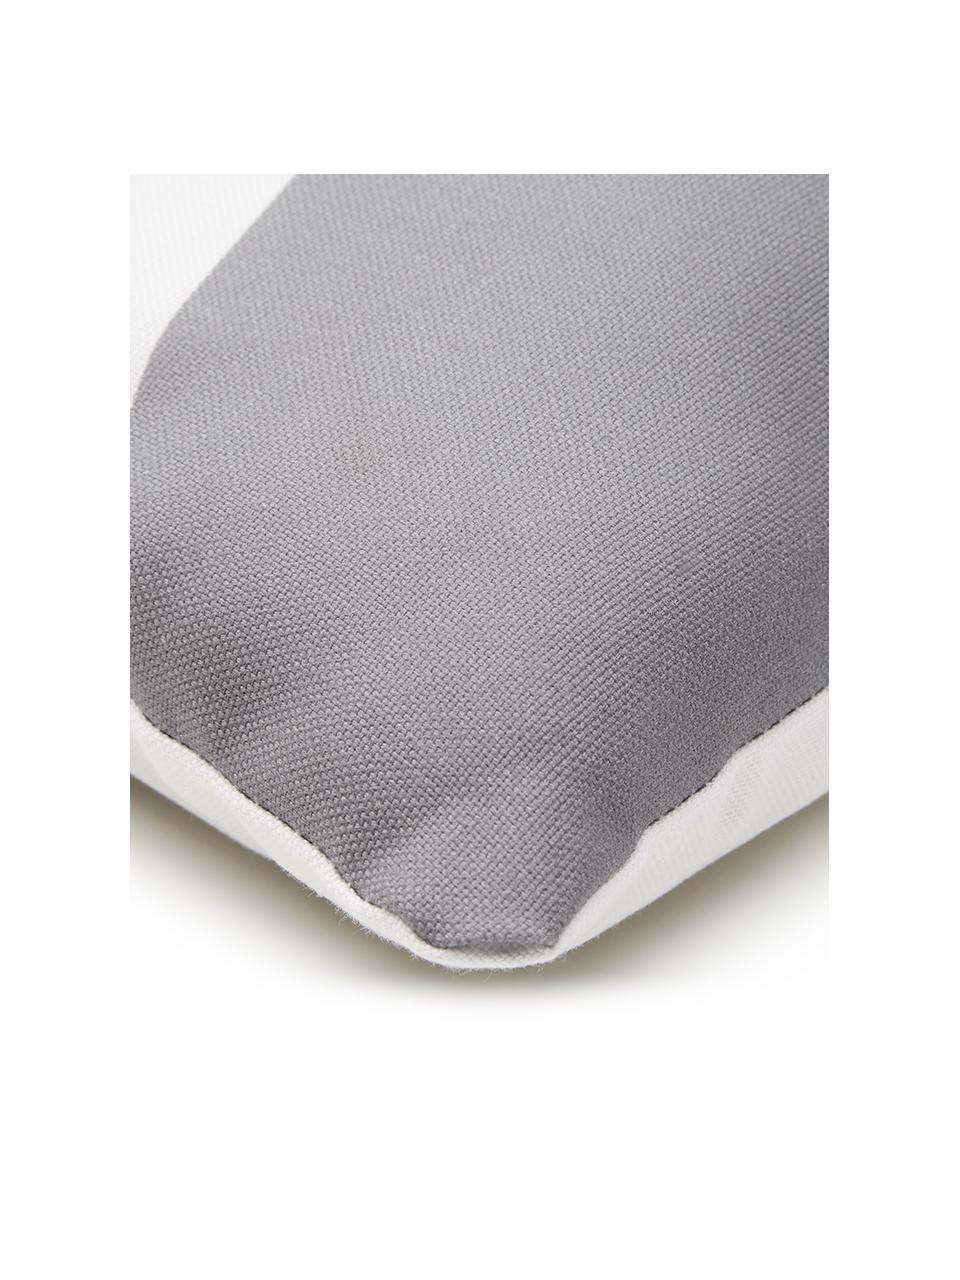 Housse de coussin 40x40 géométrique Linn, Blanc, multicolore